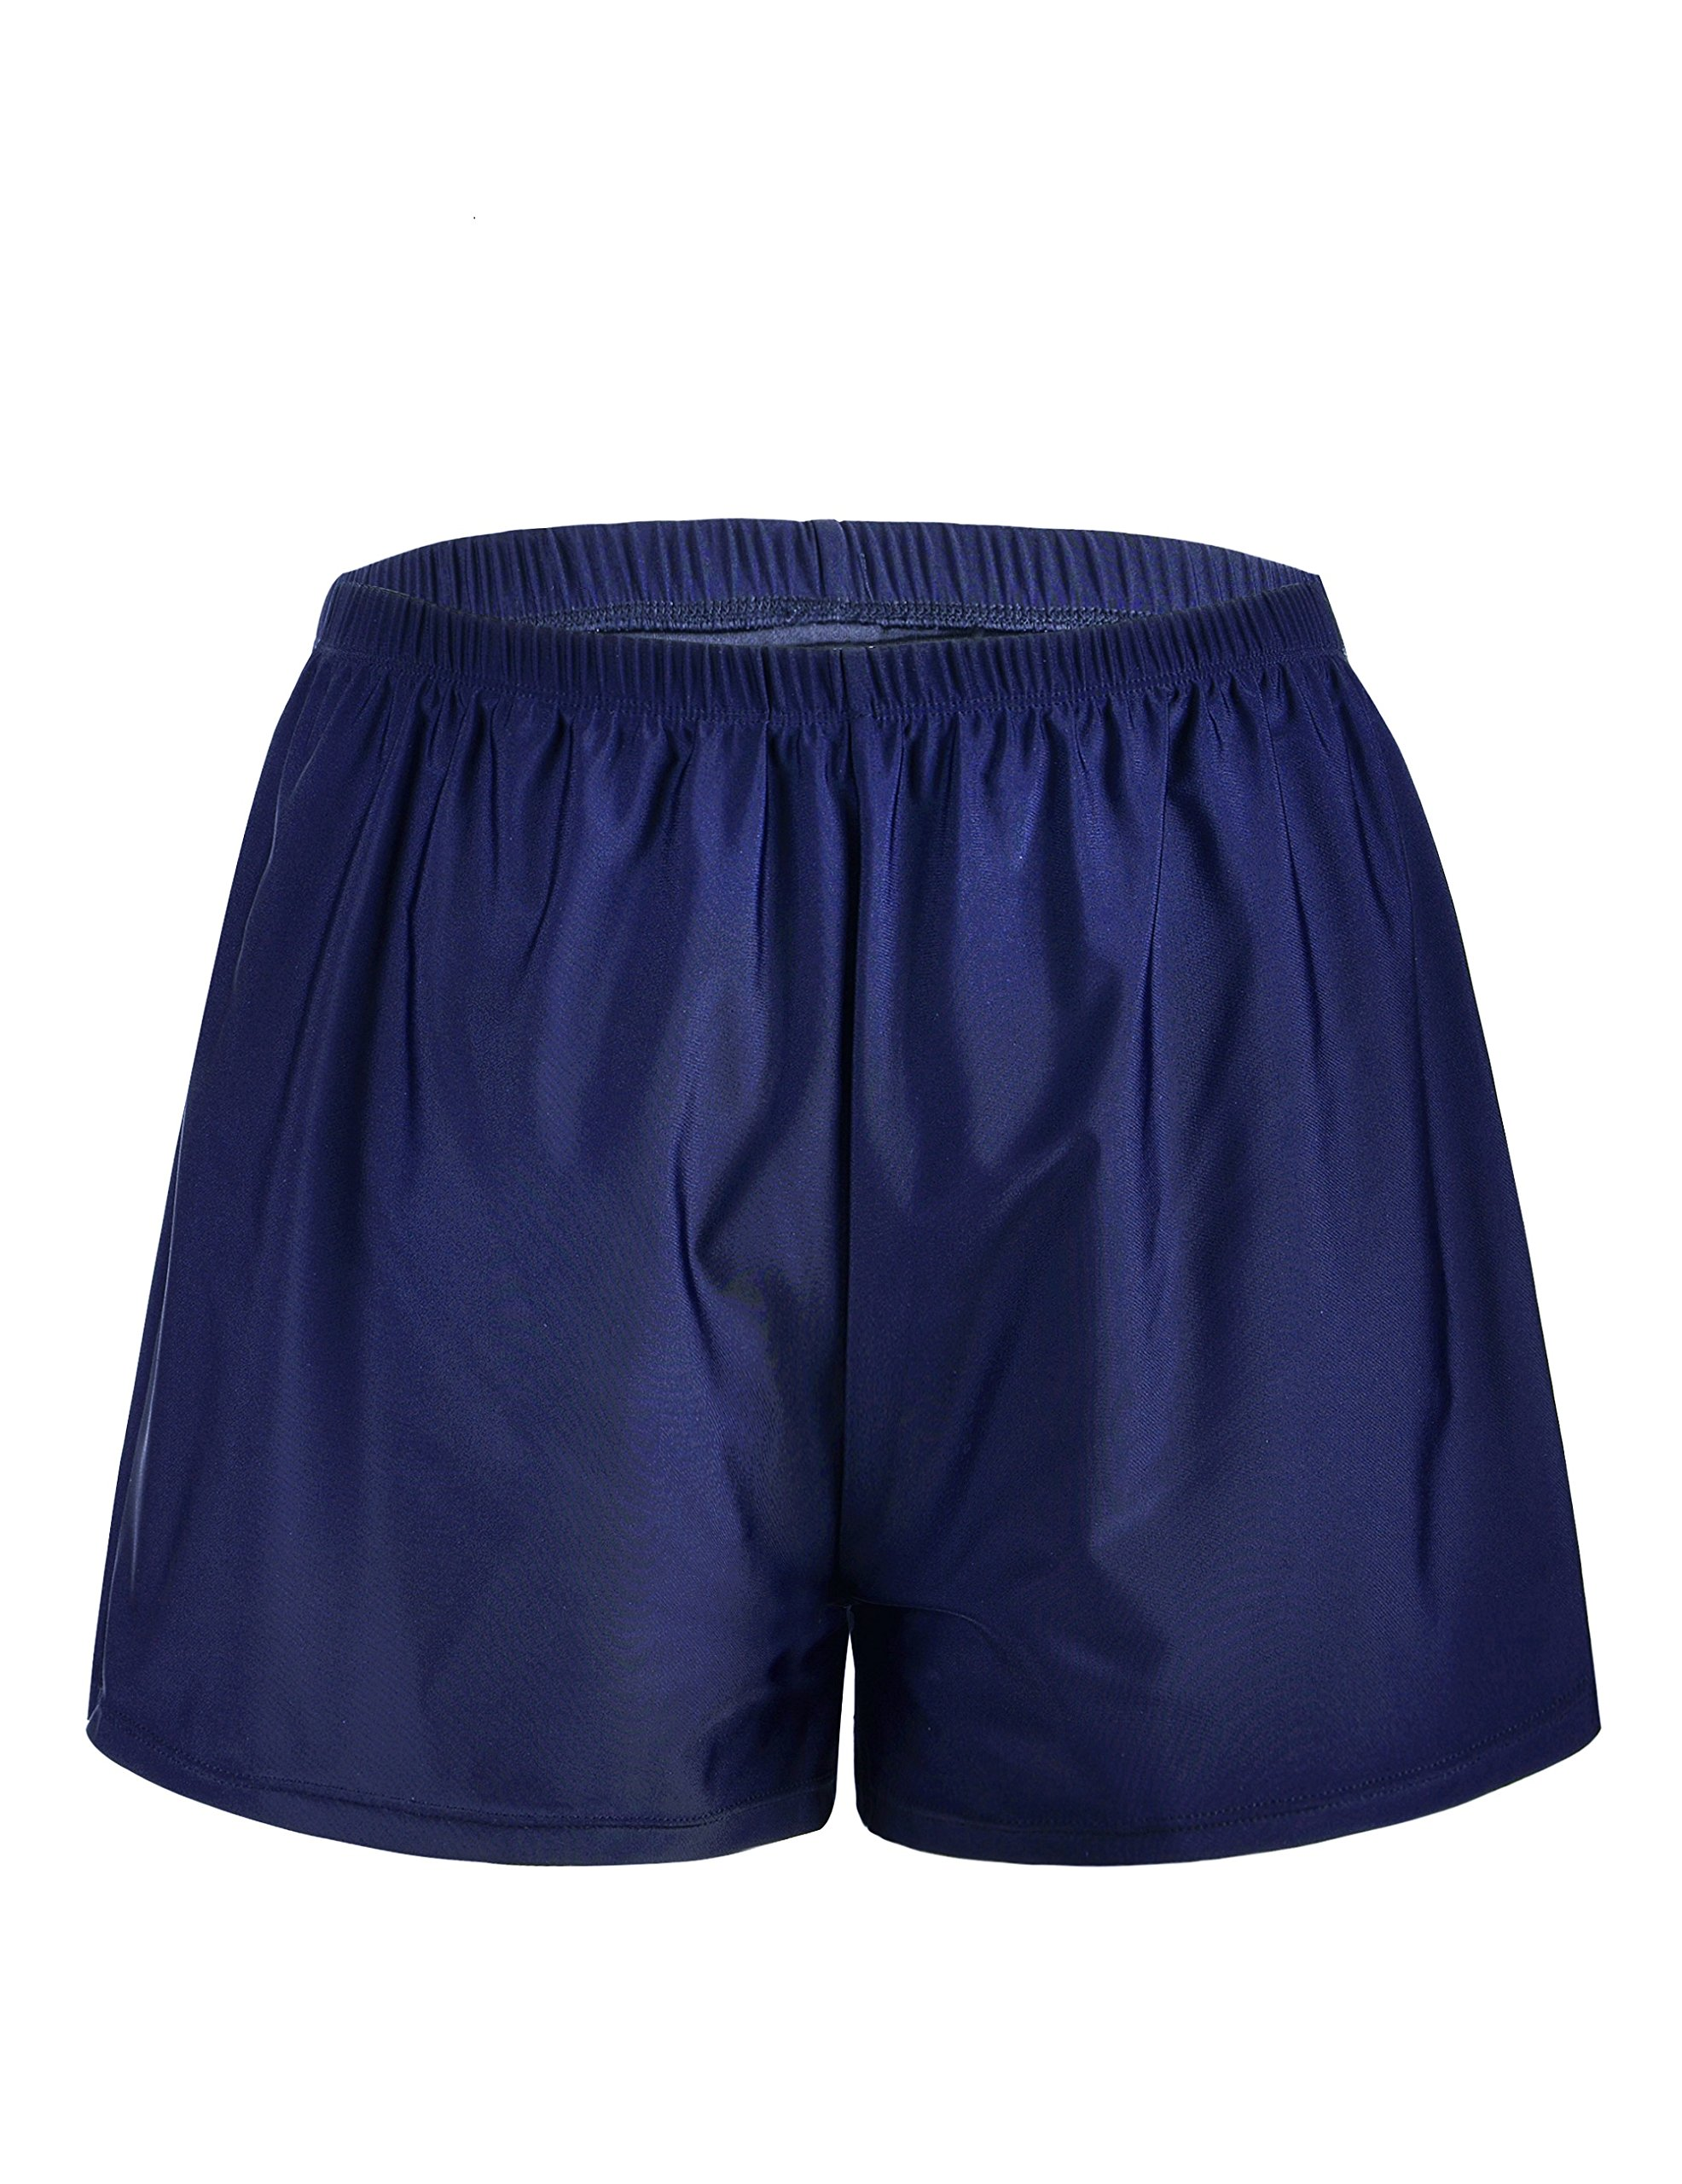 4bc09739fa Mycoco Women's Swim Shorts Loose Boyshort Swimsuit Bottom Boardshorts with  Brief Light Navy 26